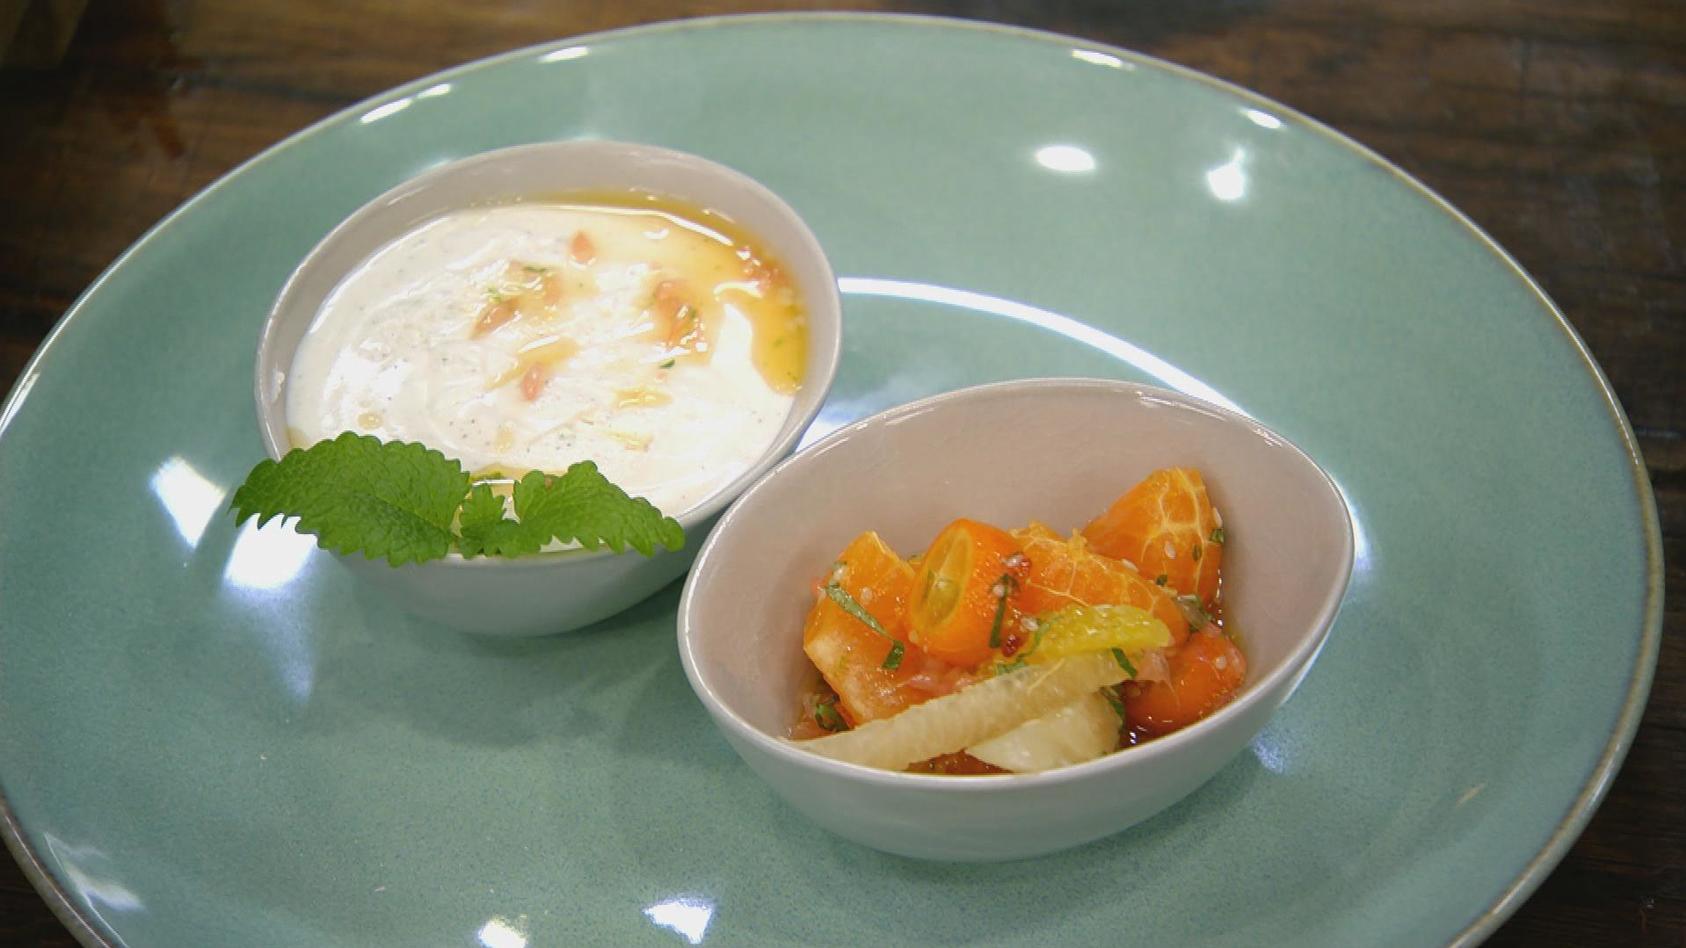 Sauer macht hungrig – Rund um die Zitrusfrucht: Joghurt-Limetten-Mousse